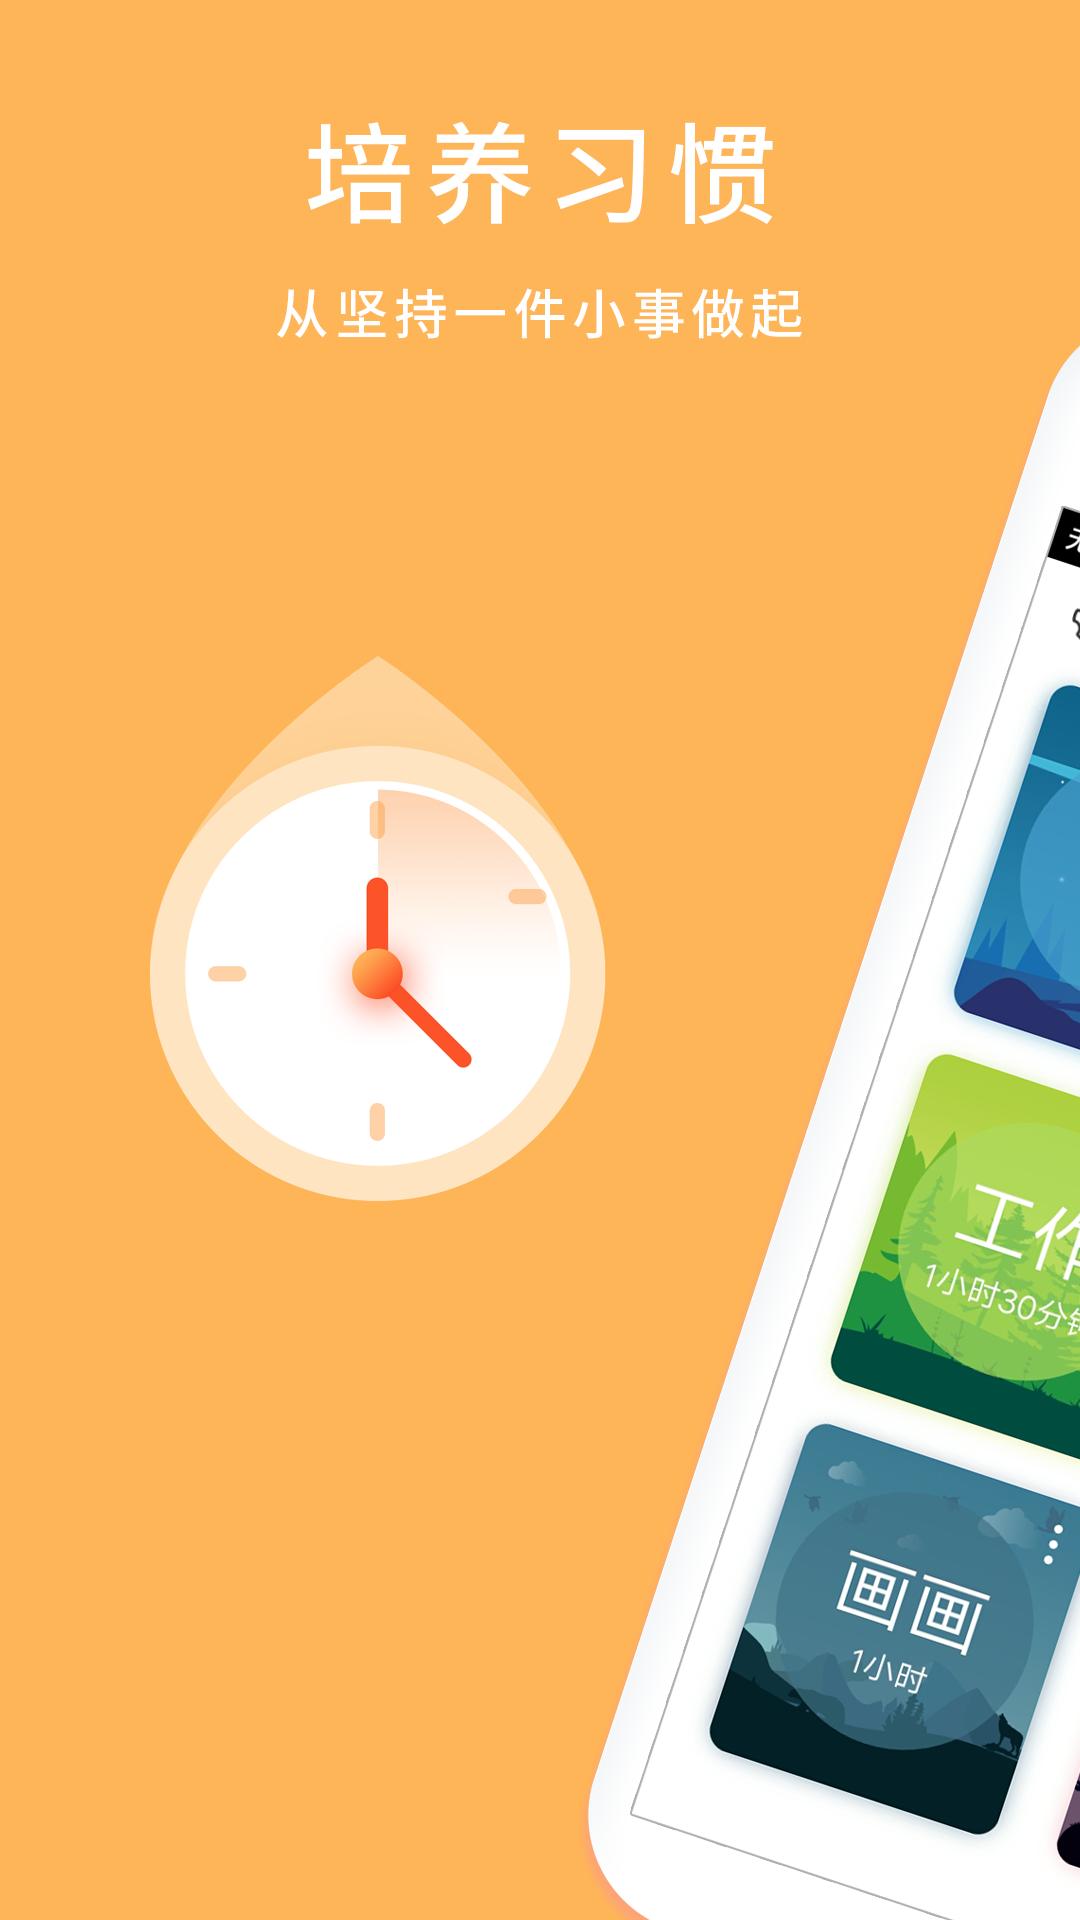 专注时钟下载v1.0 官方版